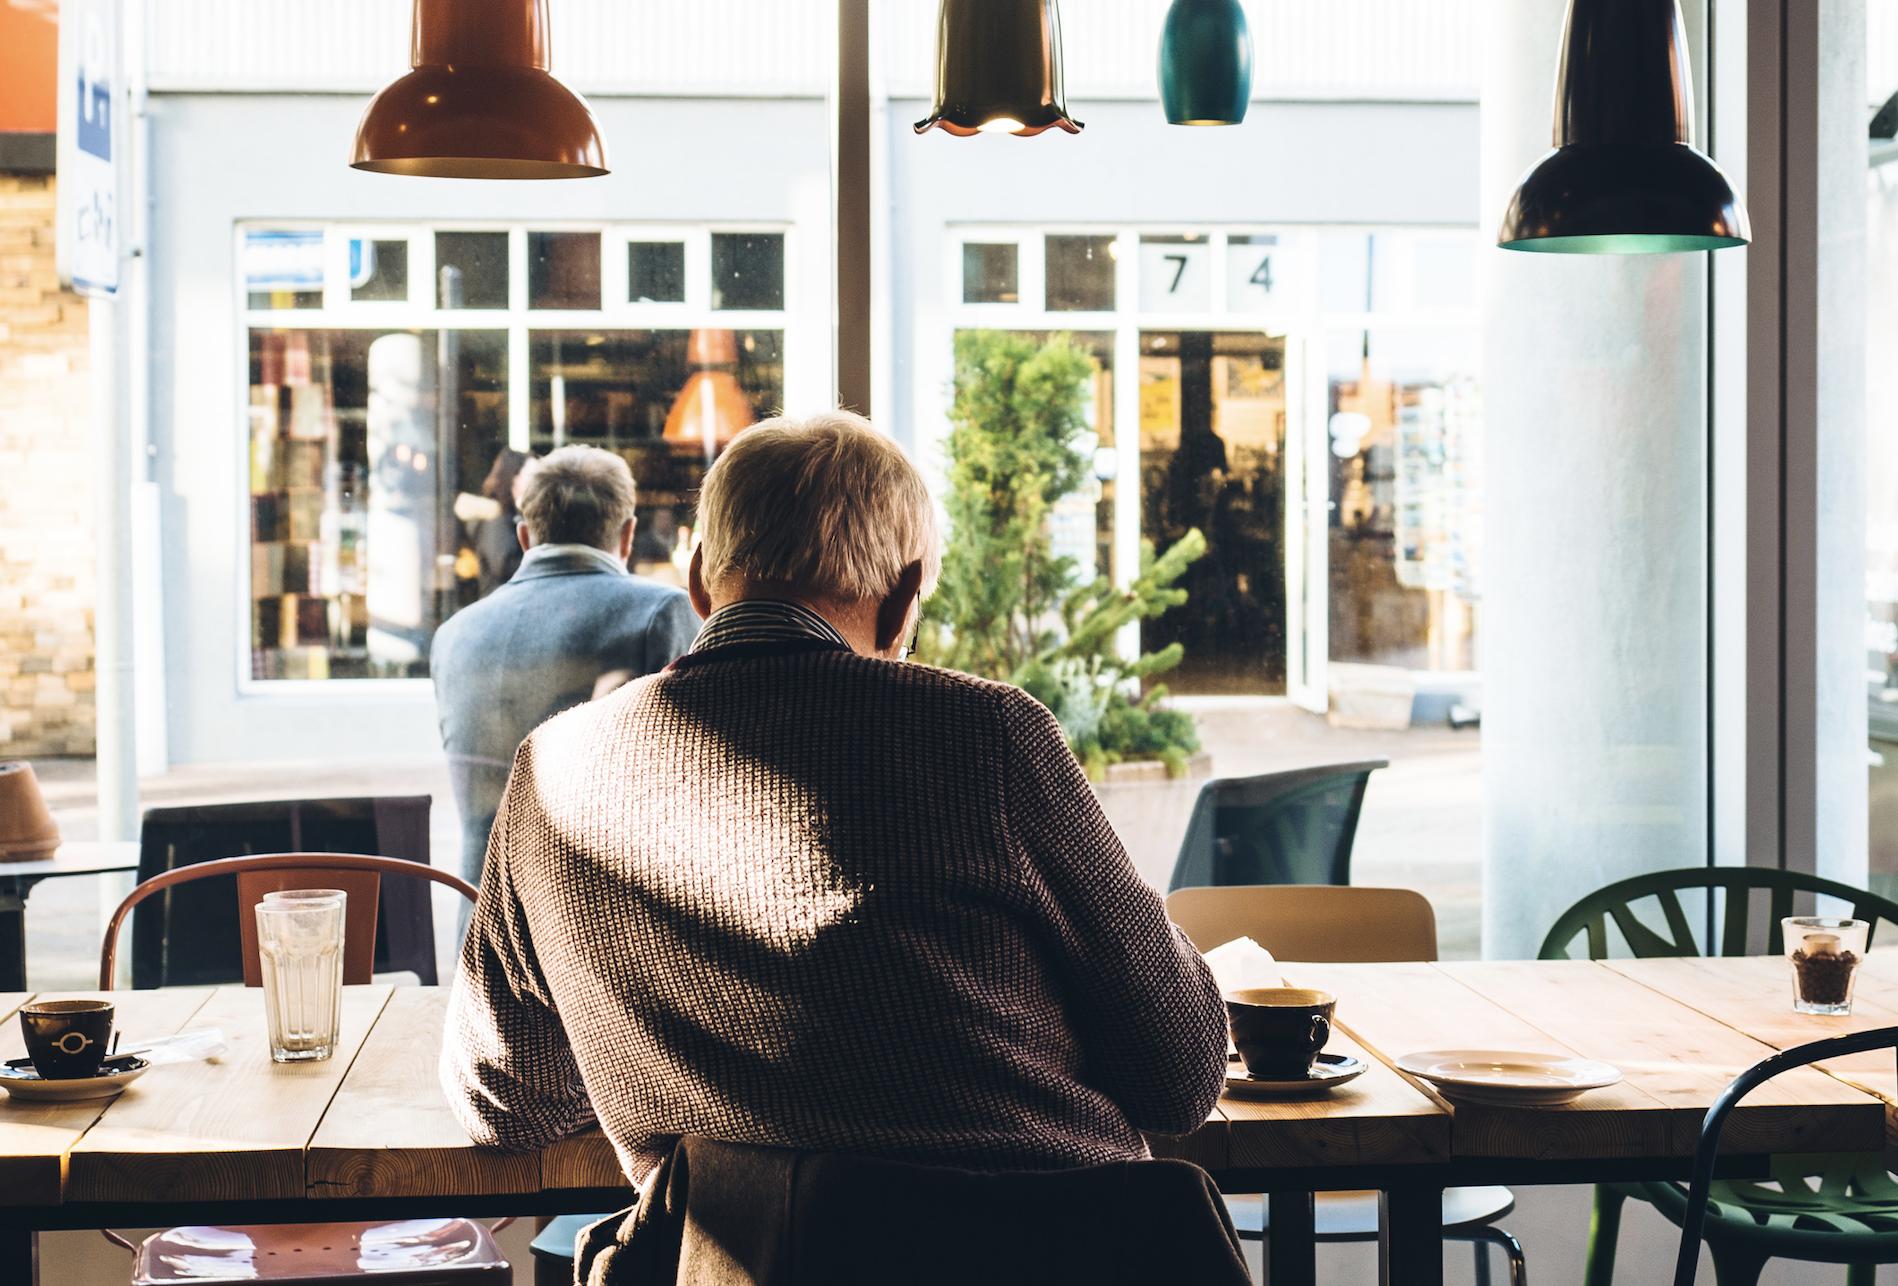 La restauration digitale est-elle incompatible avec les seniors ?